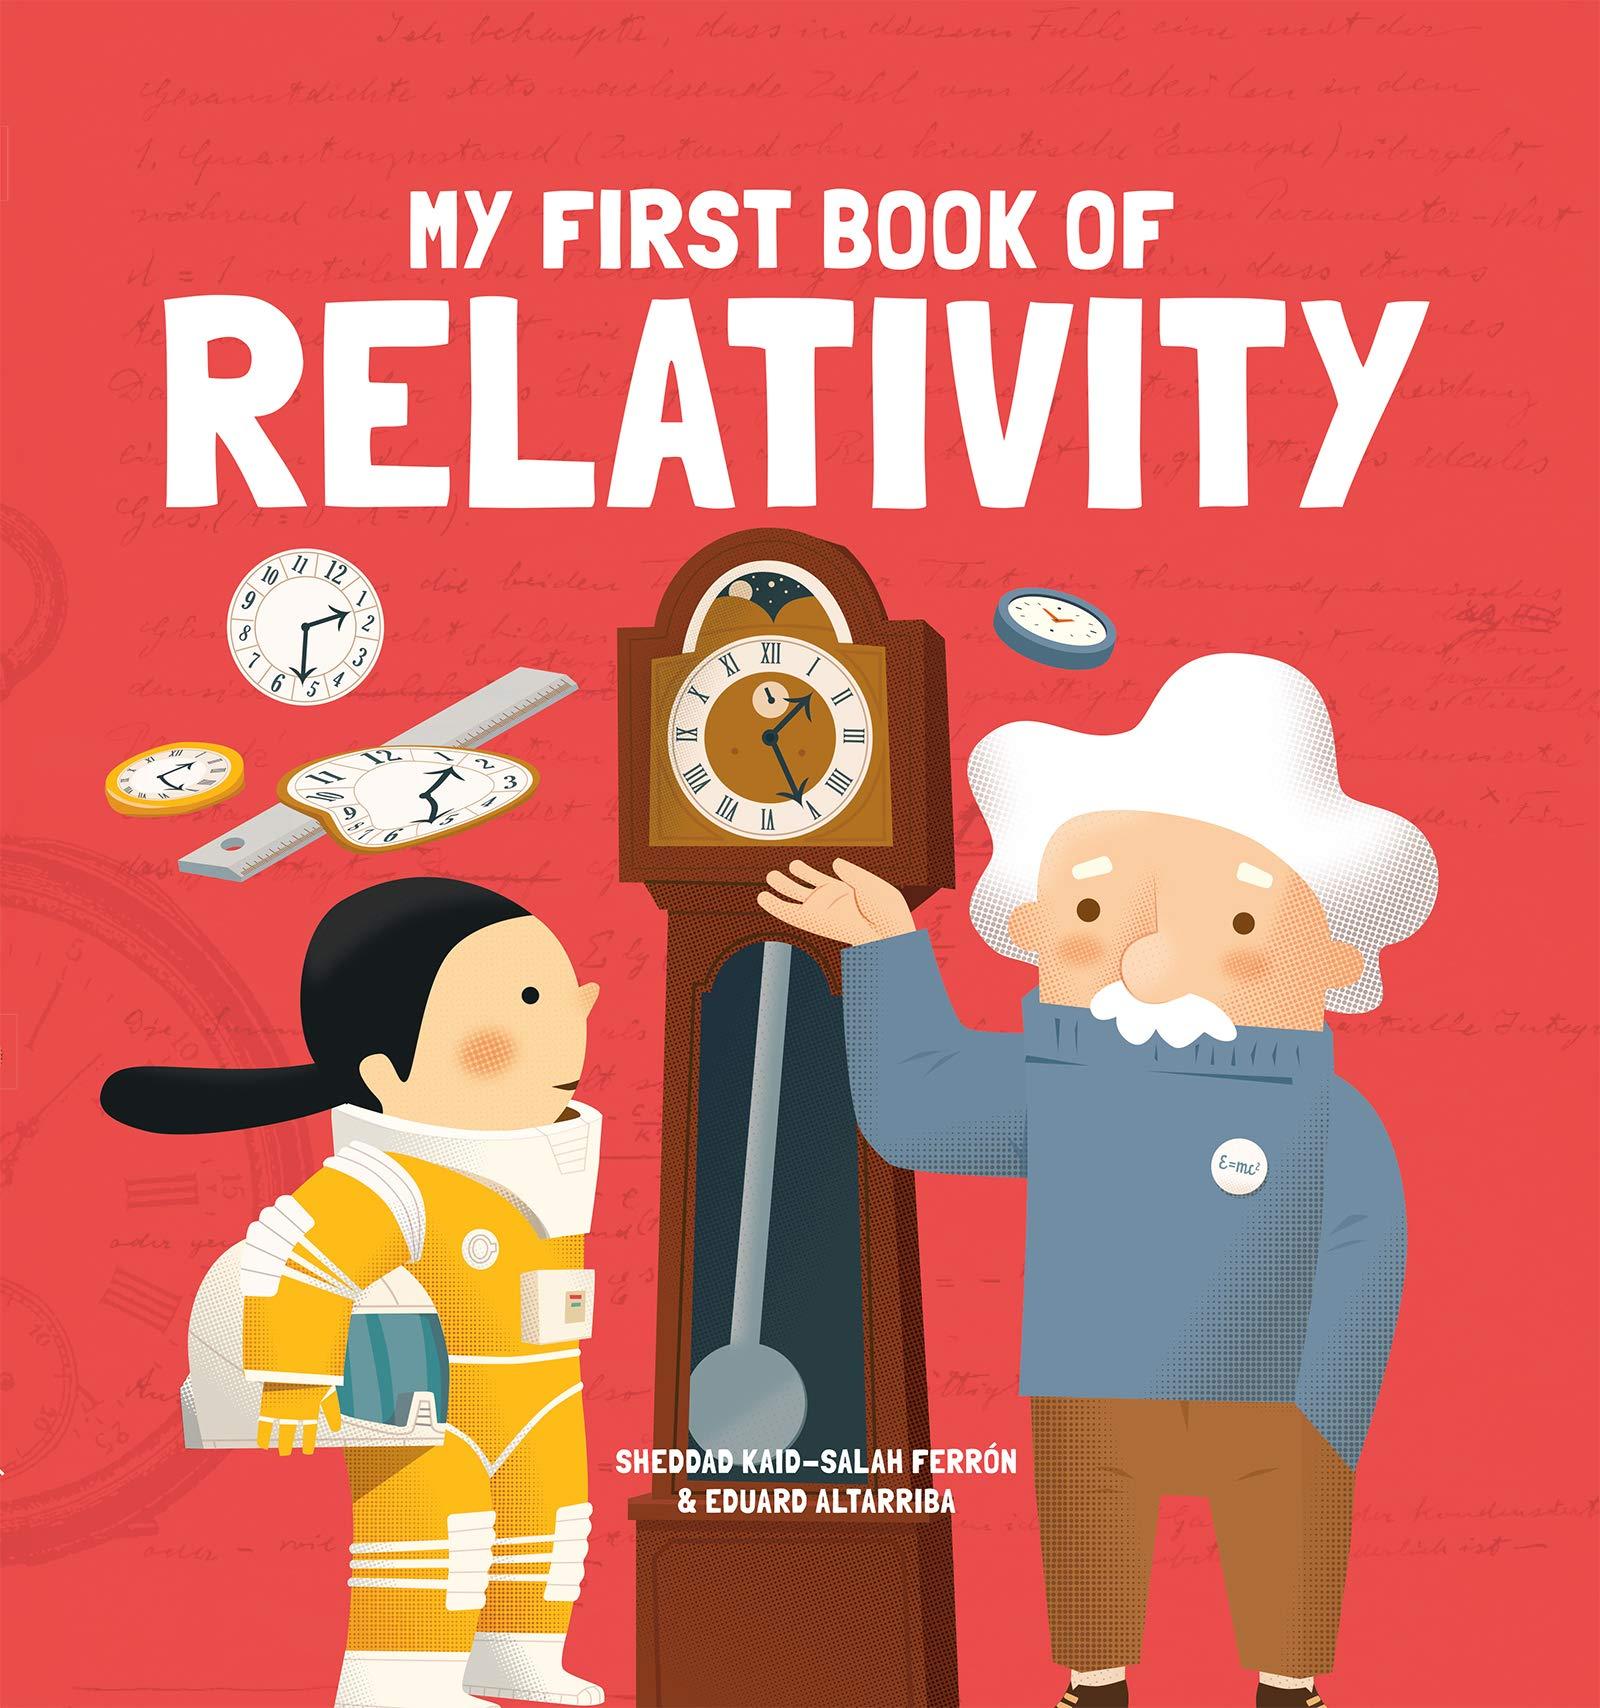 My First Book of Relativity by Sheddad Kaid-Salah Ferrón